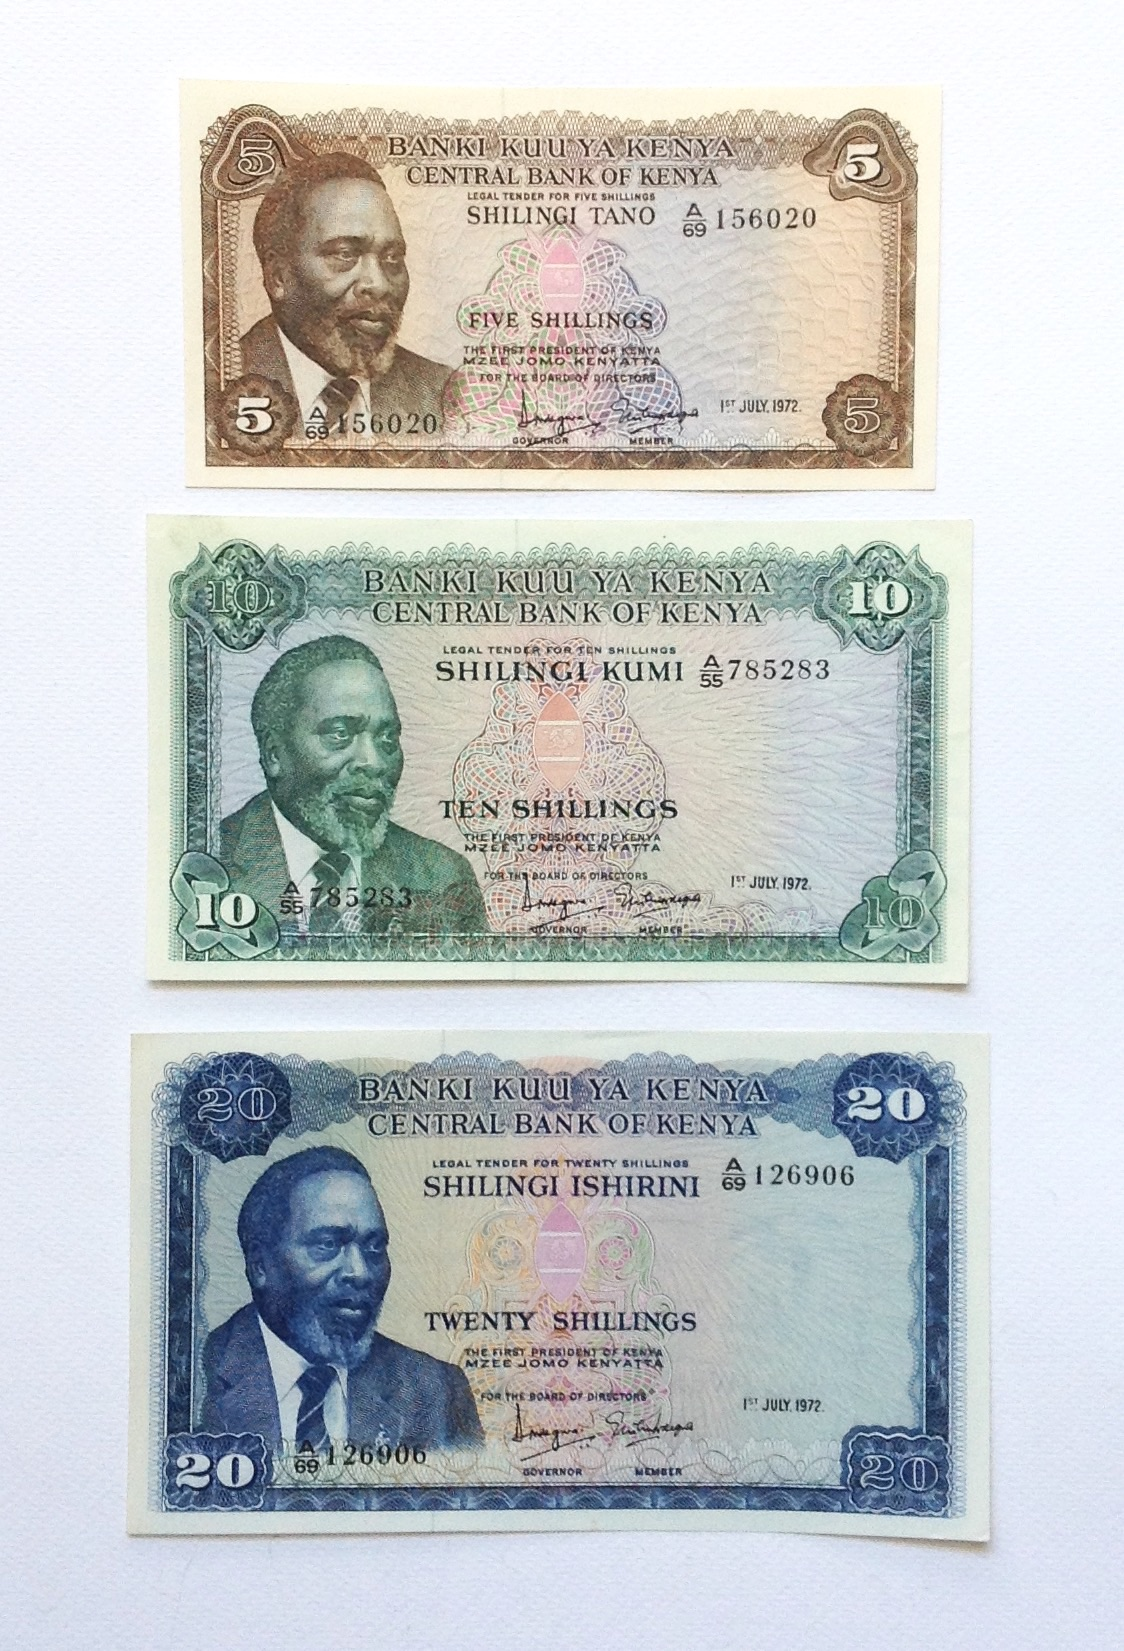 ธนบัตรเก่า ประเทศ Kenya ปี 1972 สภาพใหม่ ไม่ผ่านการใช้ รูปที่ 1